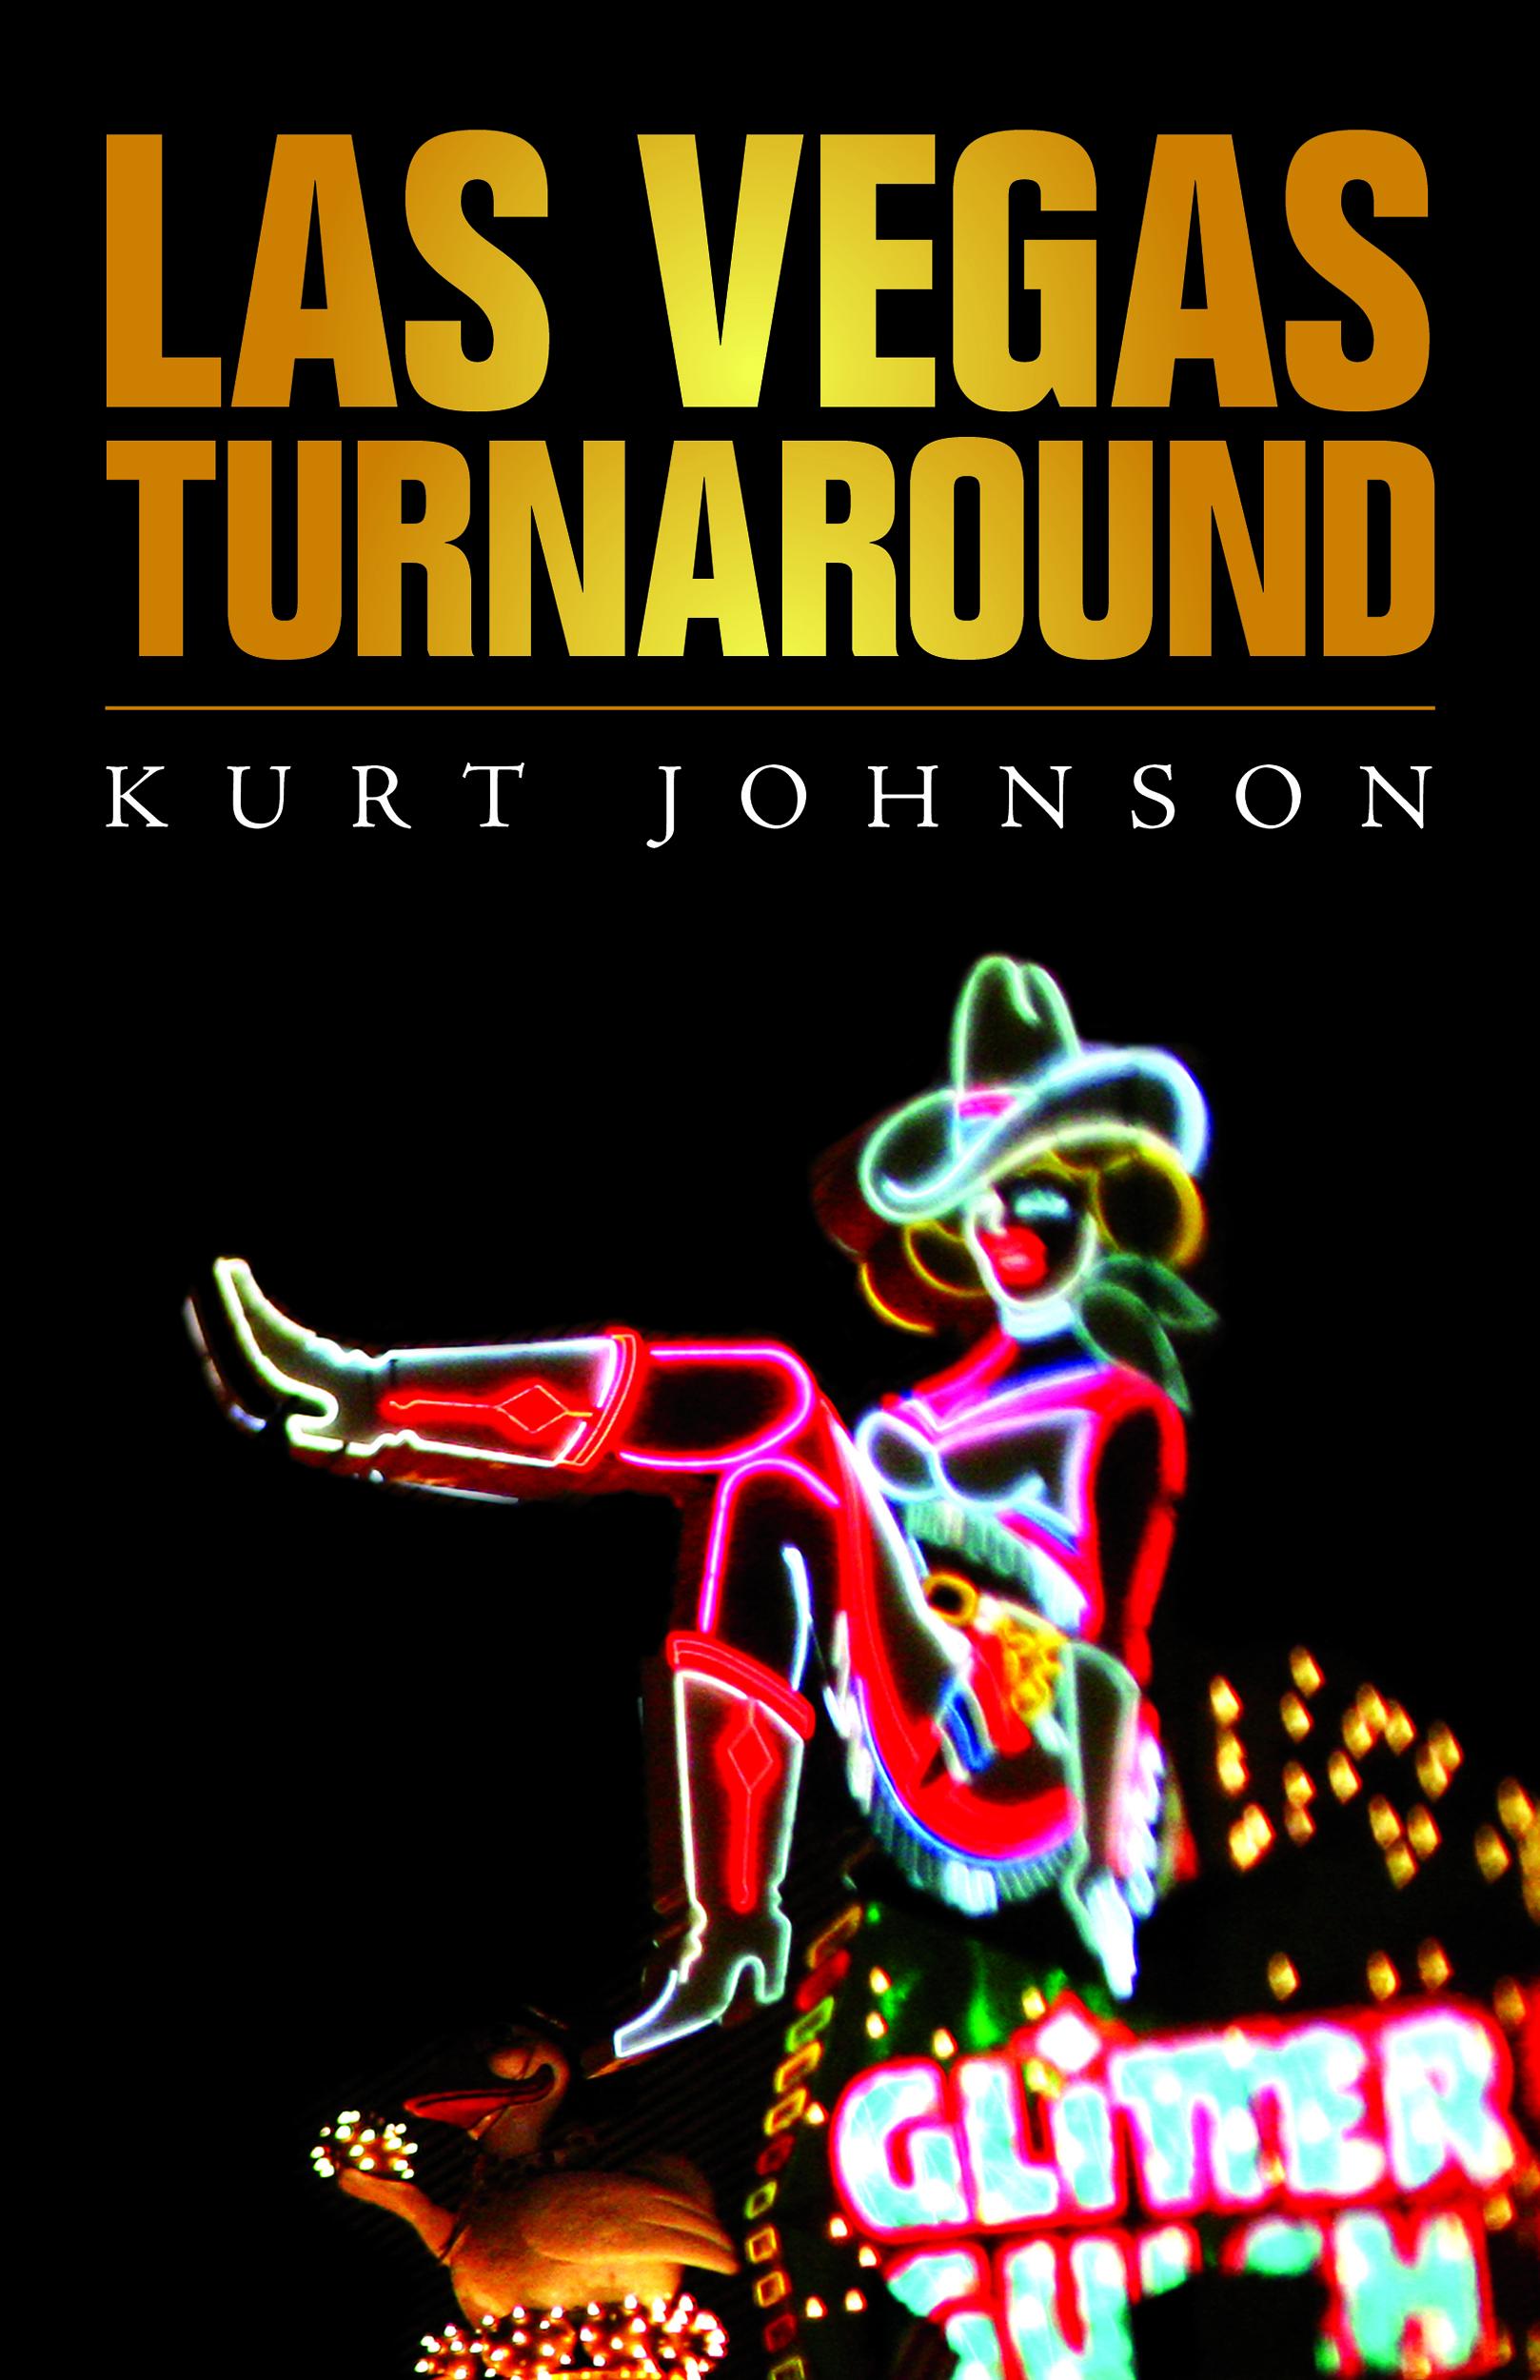 Las Vegas Turnaround